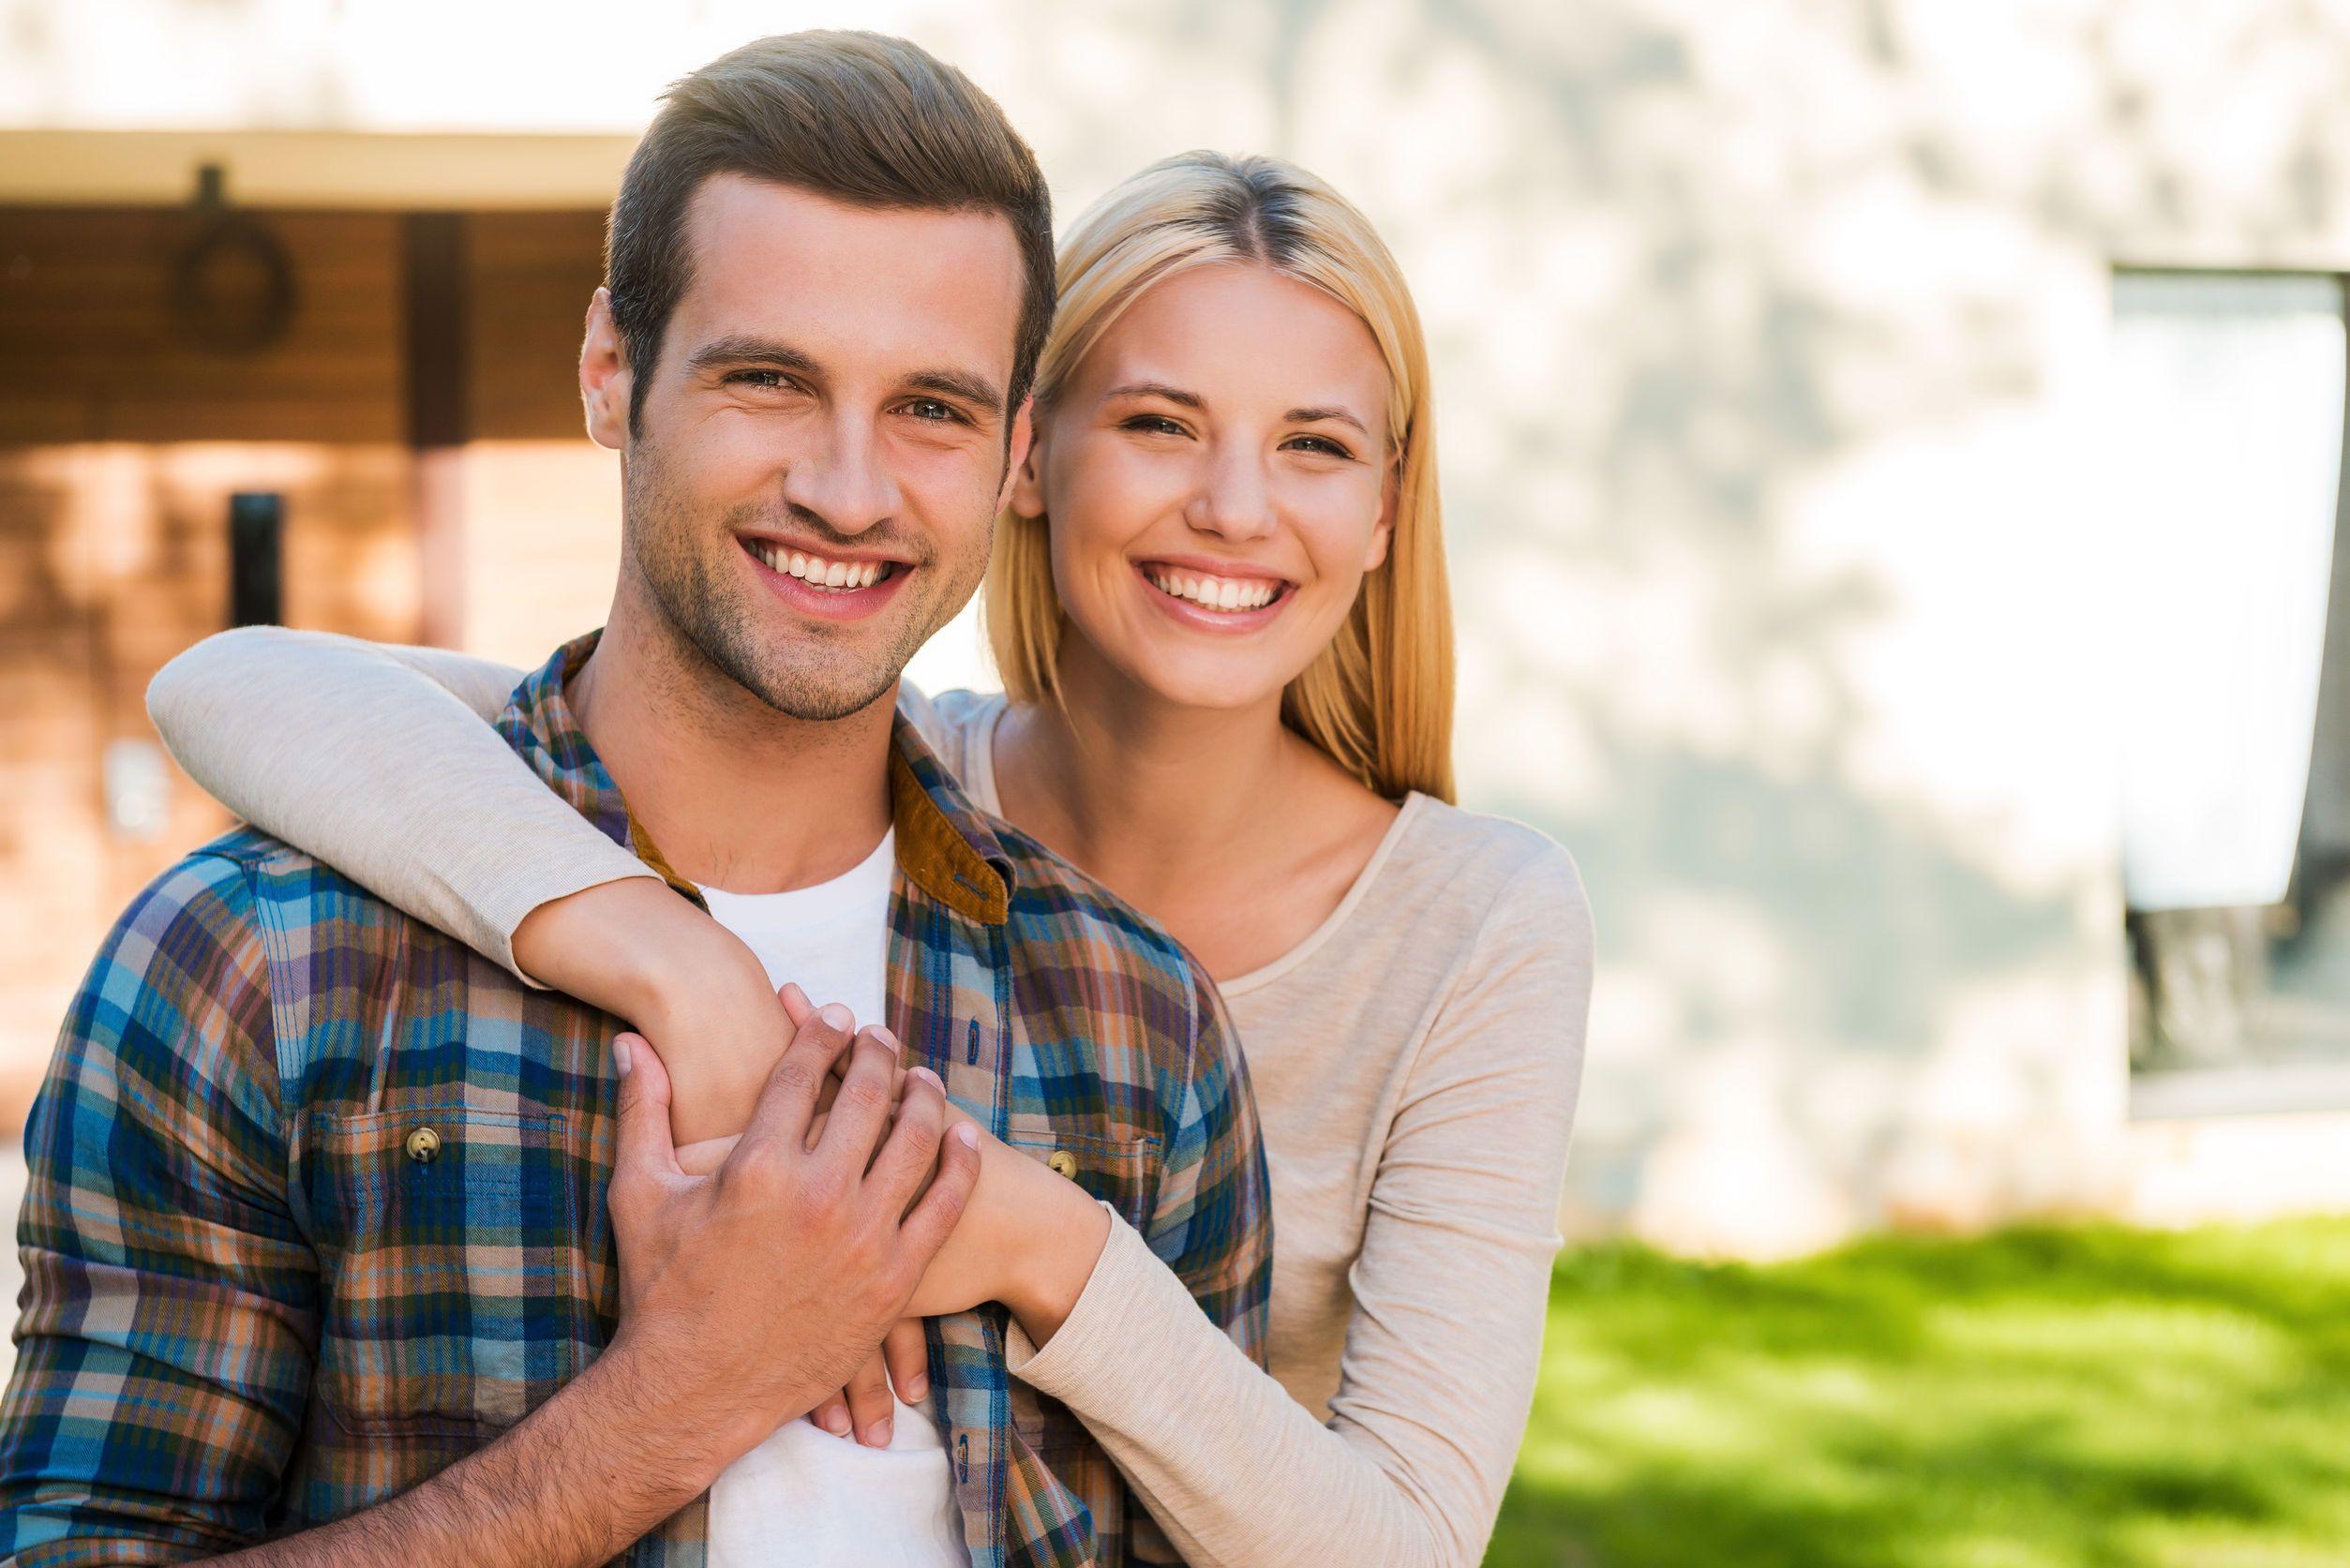 olcsó randevú ötletek párok számára randevú az amerikai hadseregben